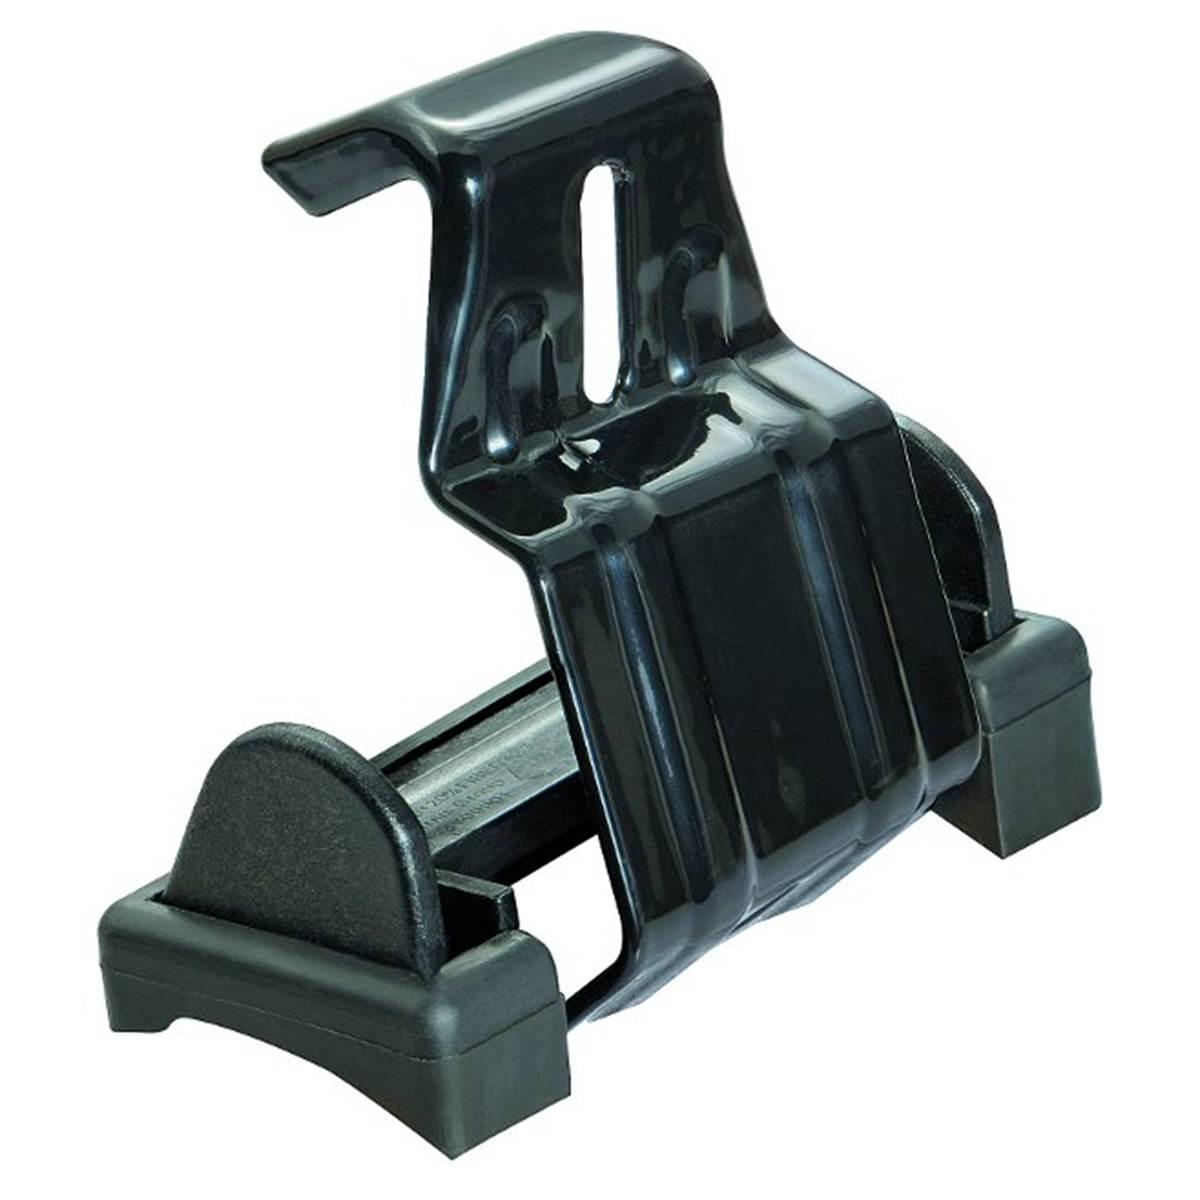 4 Fixations K128 Feu Vert - Portage en kit